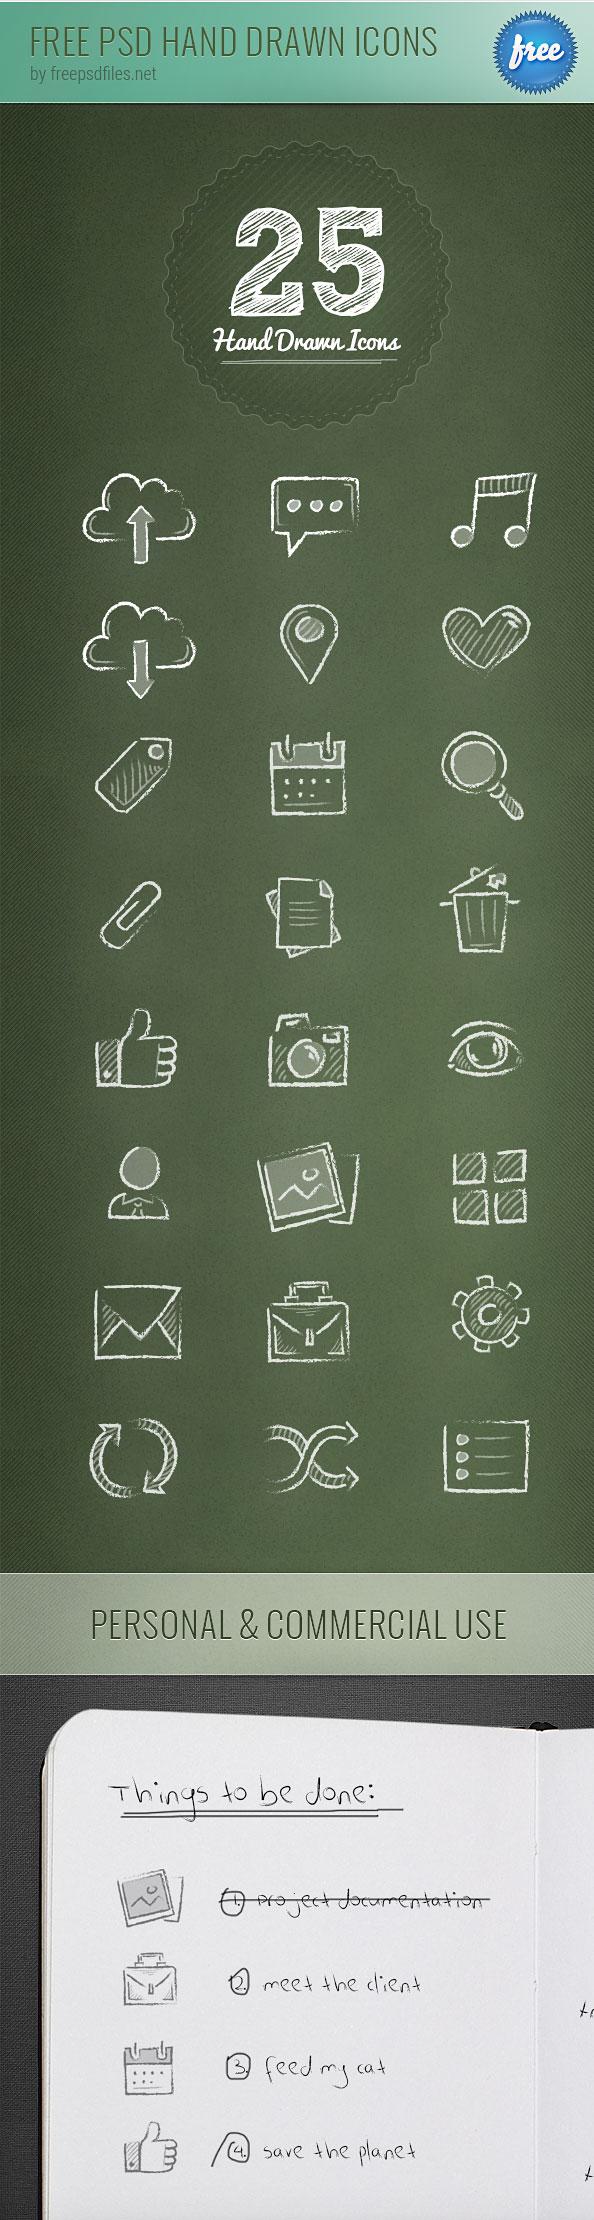 Нарисованные от руки бесплатные иконки в формате PSD